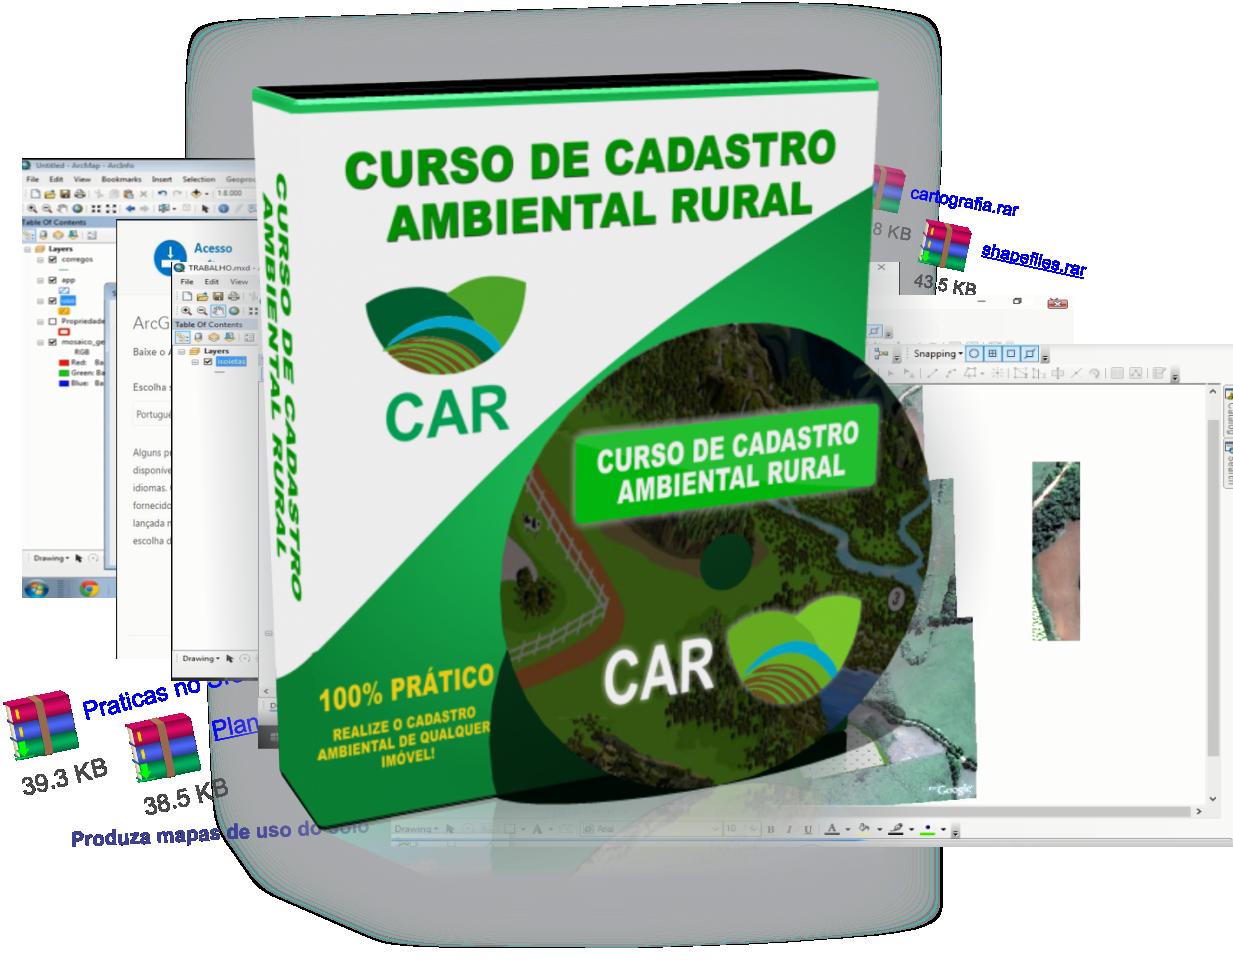 curso de cadastro ambiental rural